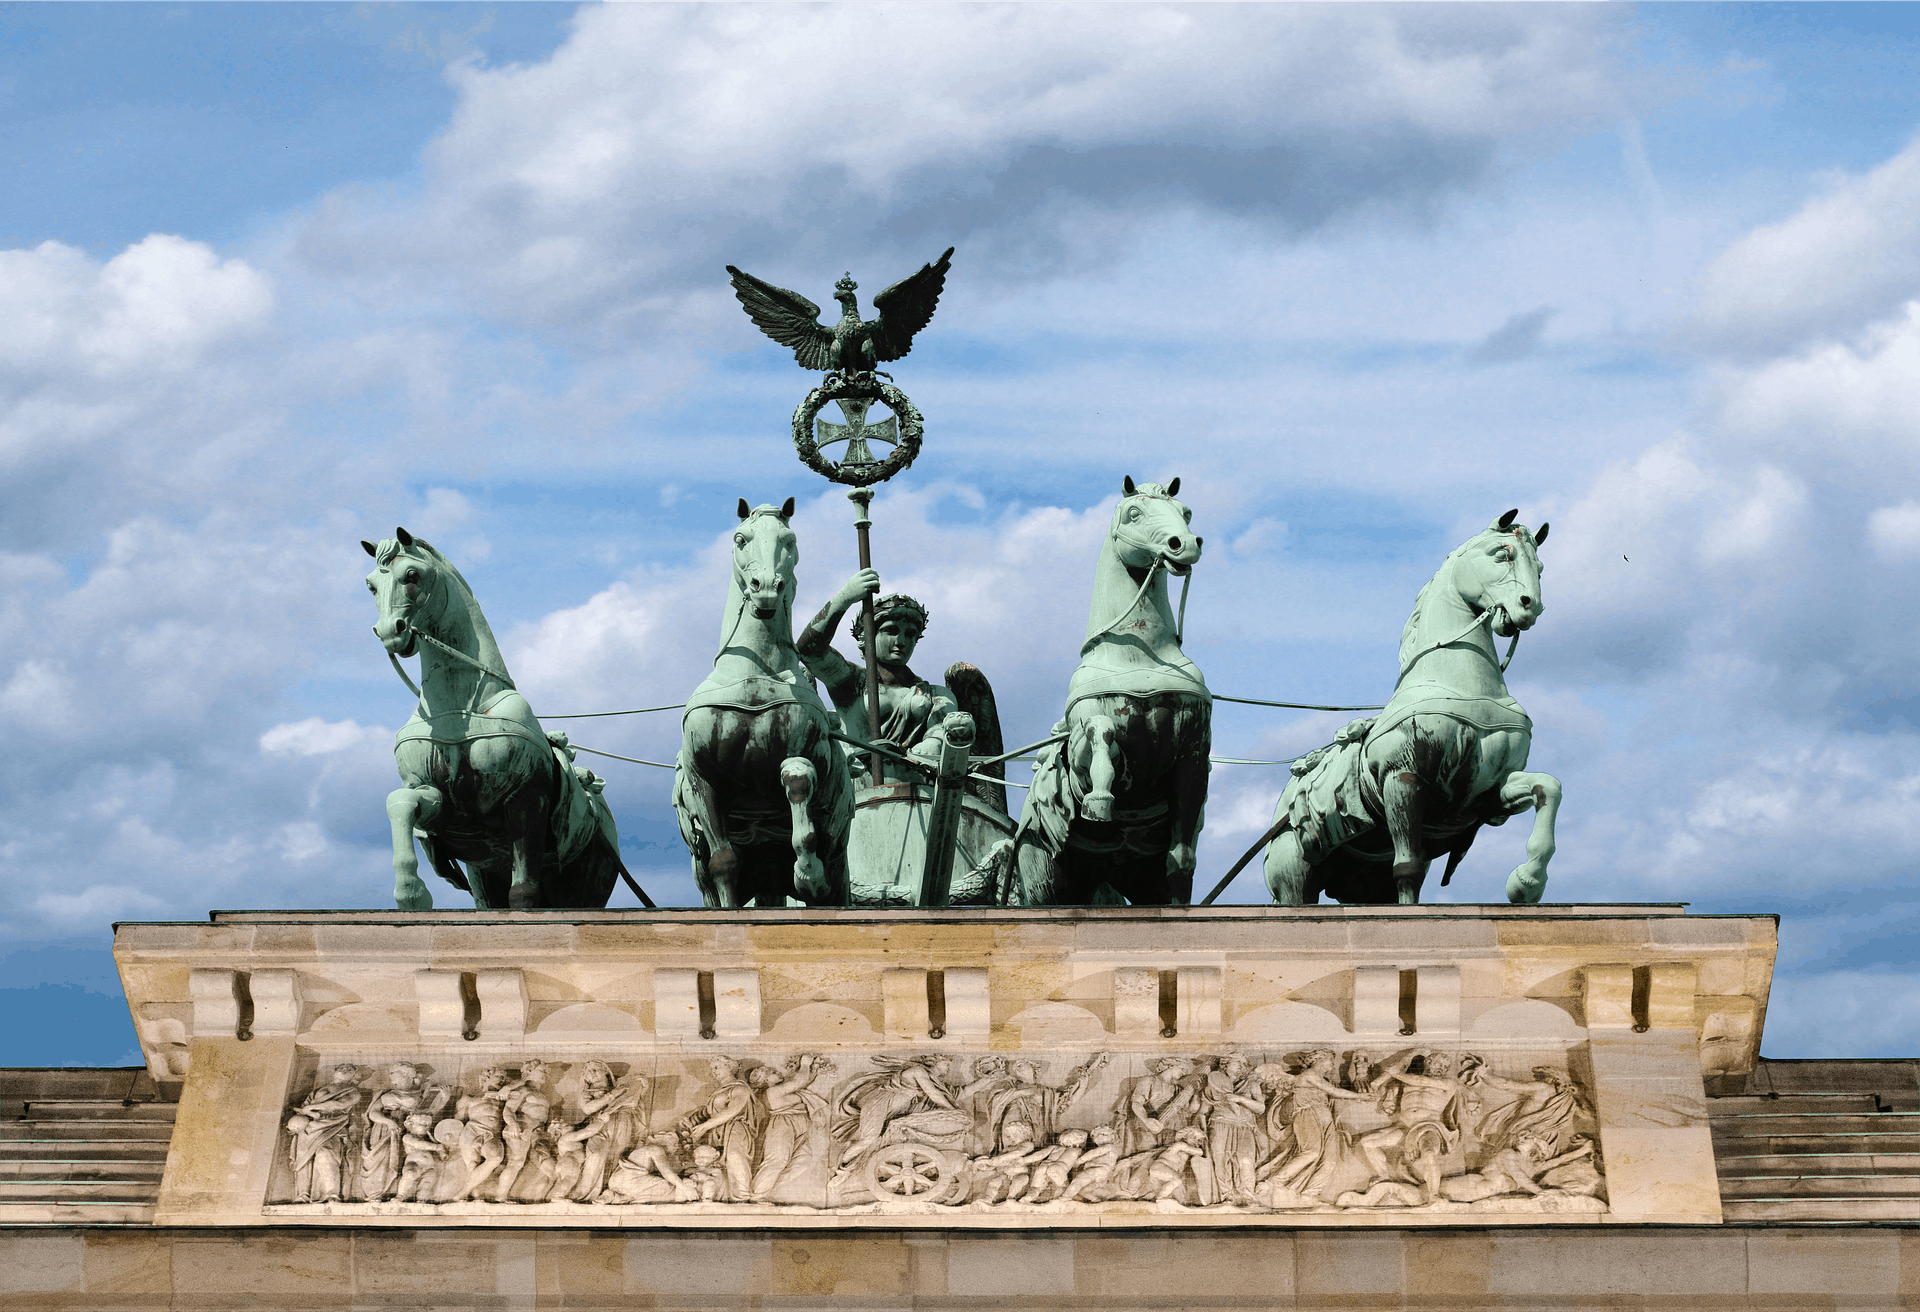 Das Brandenburger Tor als Wahrzeichen von Berlin